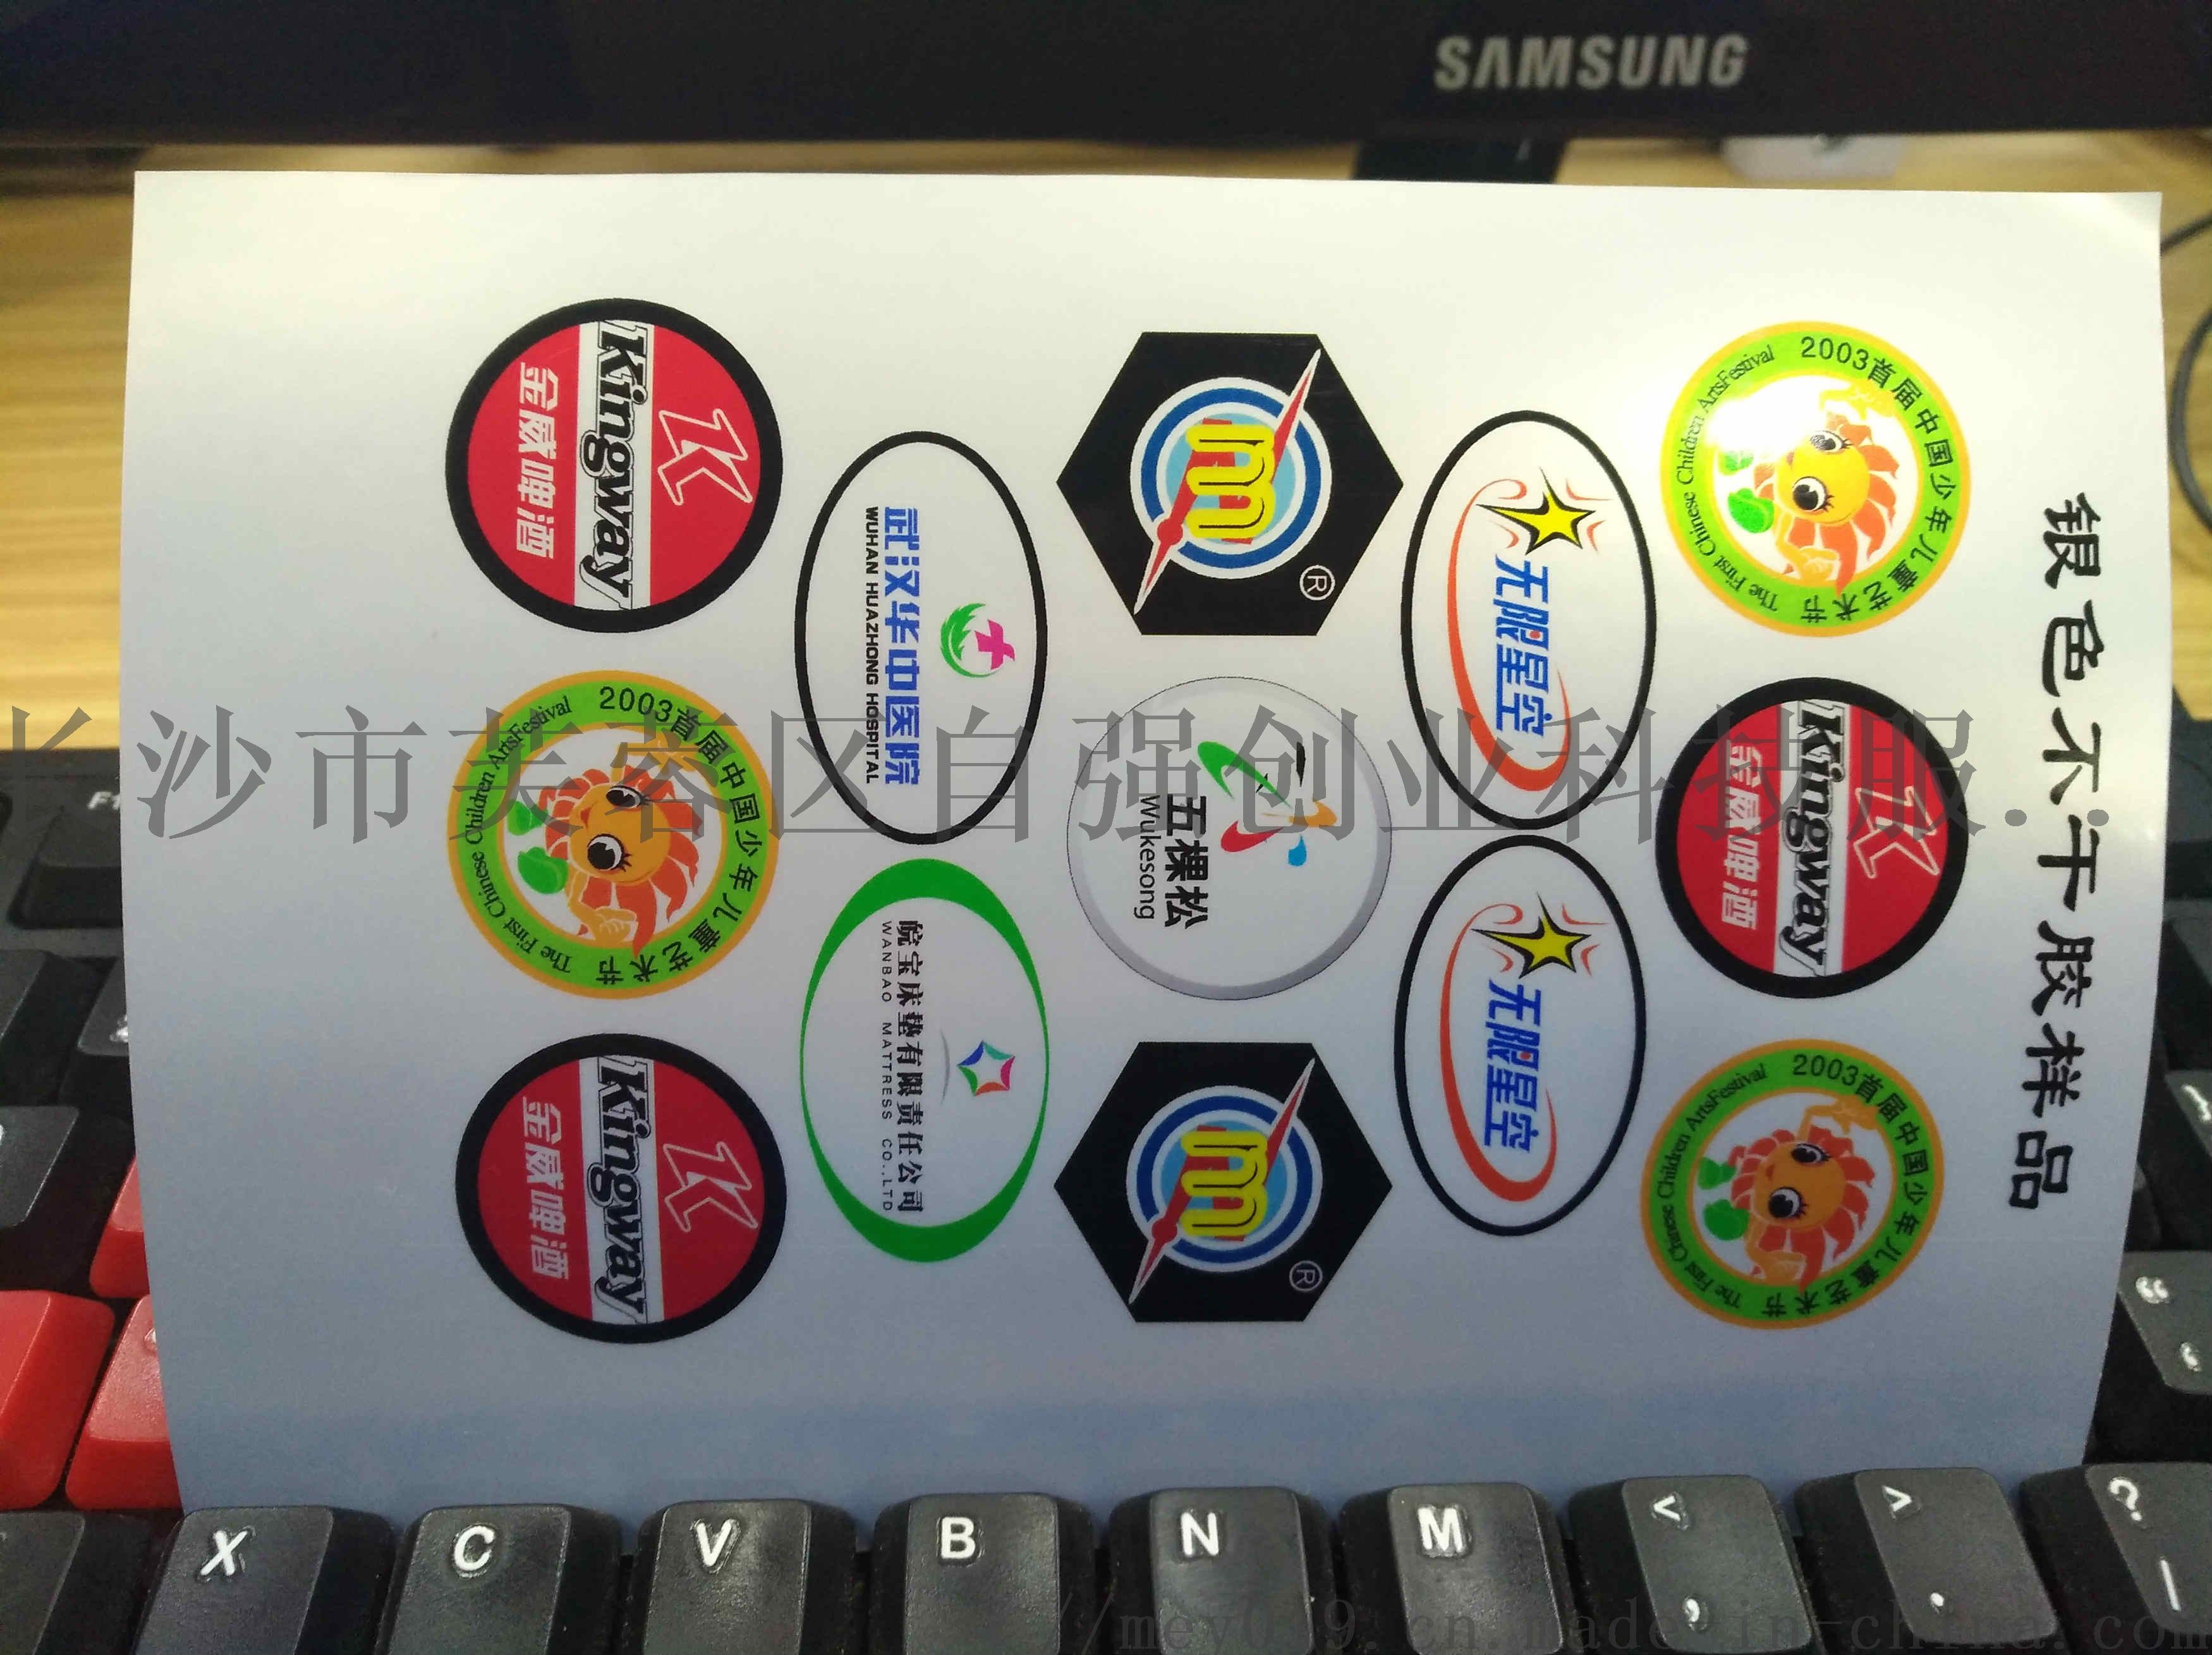 可印不干胶商标标签的画册印刷机857548765